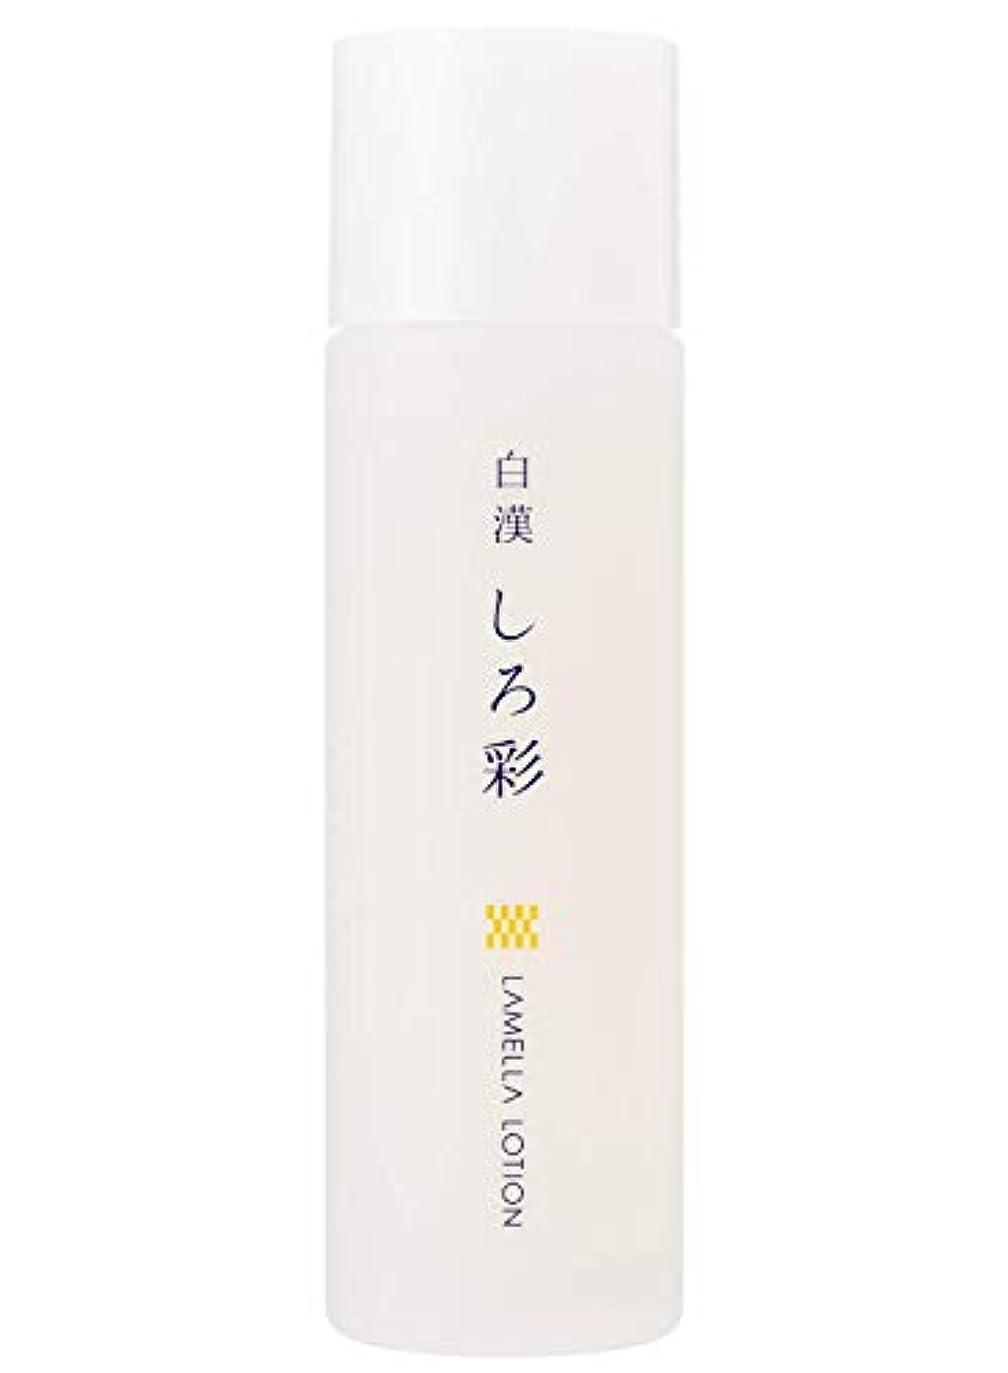 からに変化する不透明な国際白漢 しろ彩 正規販売店 ラメラローション 化粧水